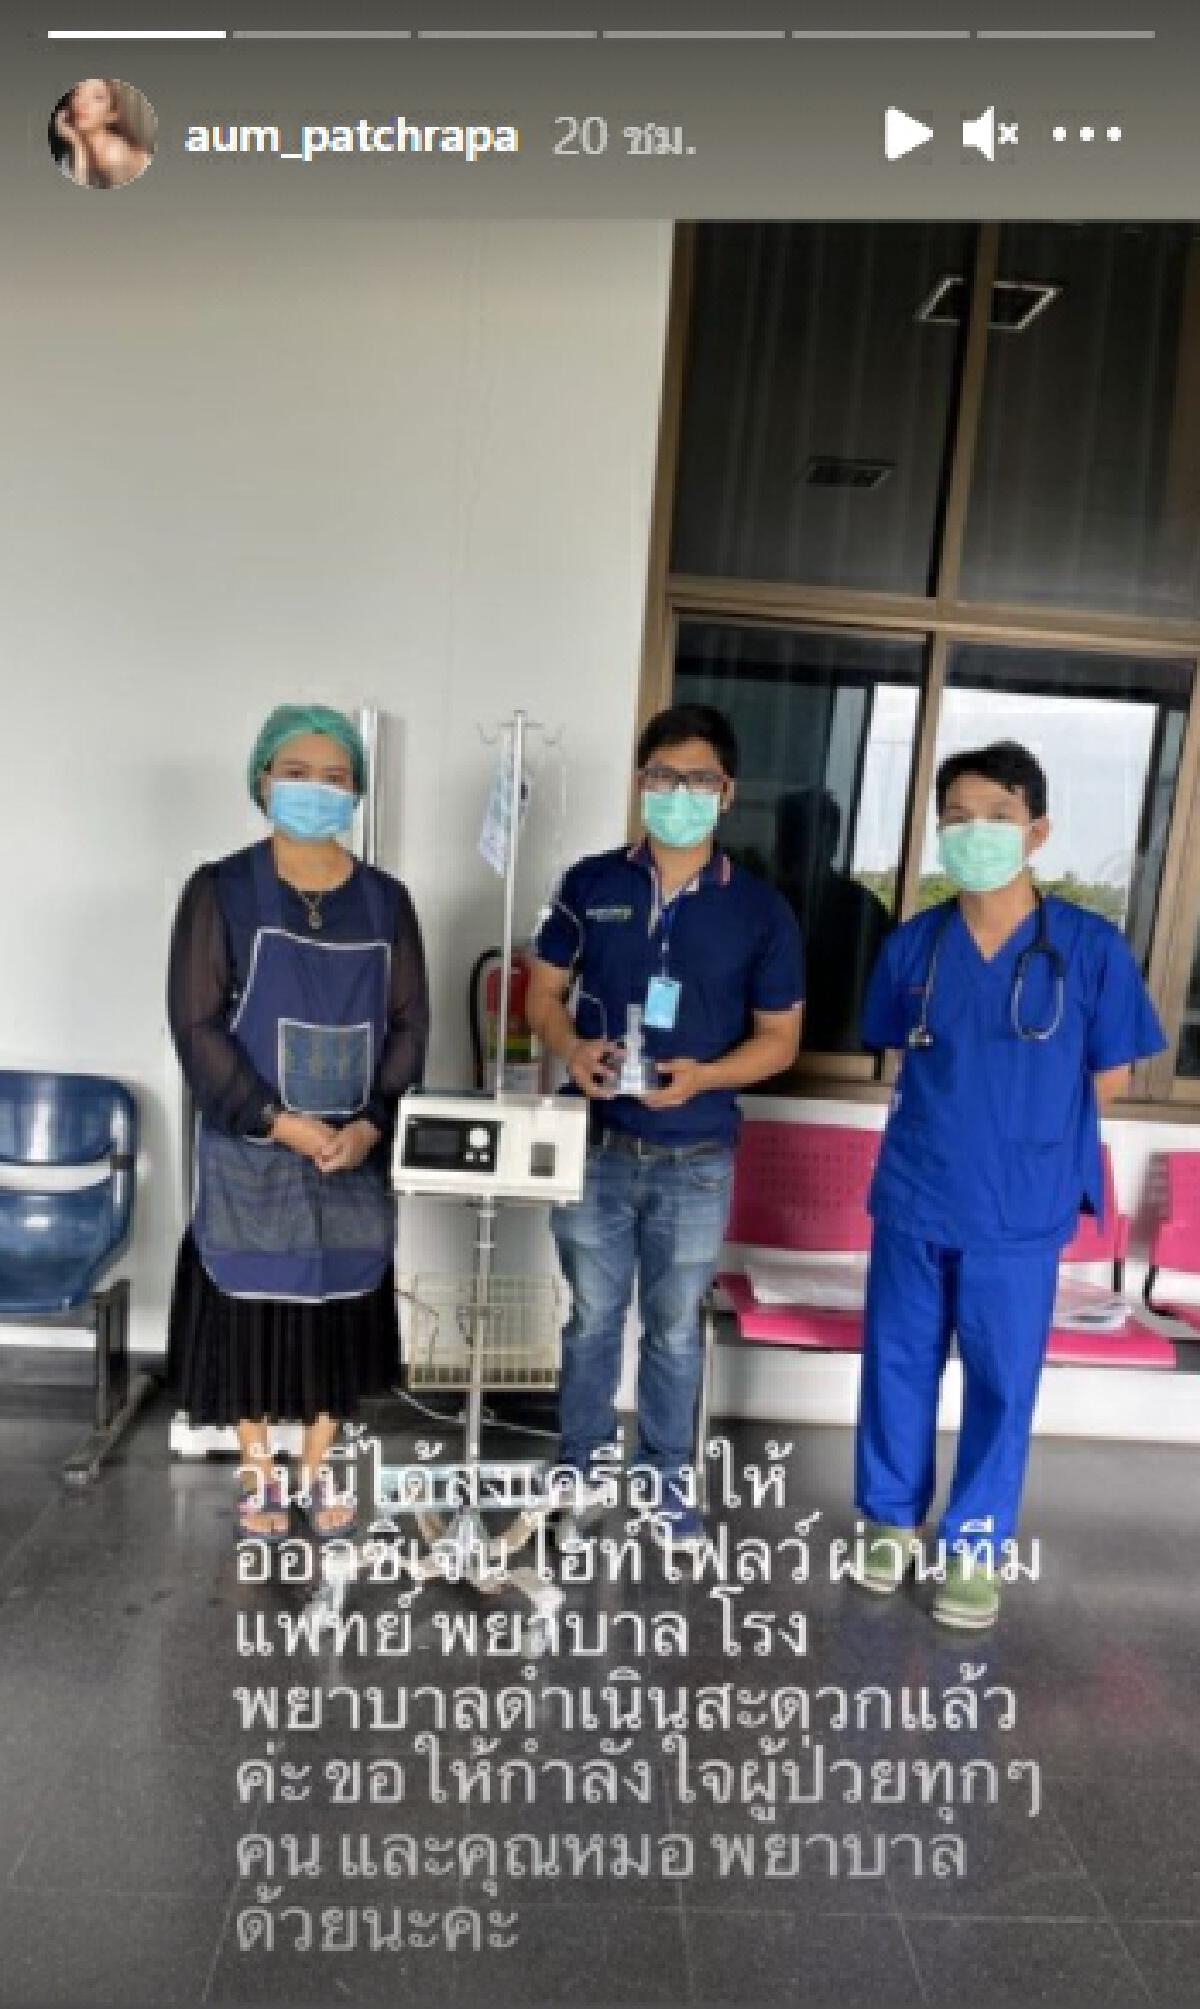 อั้ม พัชราภา ส่งเครื่องออกซิเจน high flow มอบให้ 2 รพ. ช่วยผู้ป่วยโควิด-19